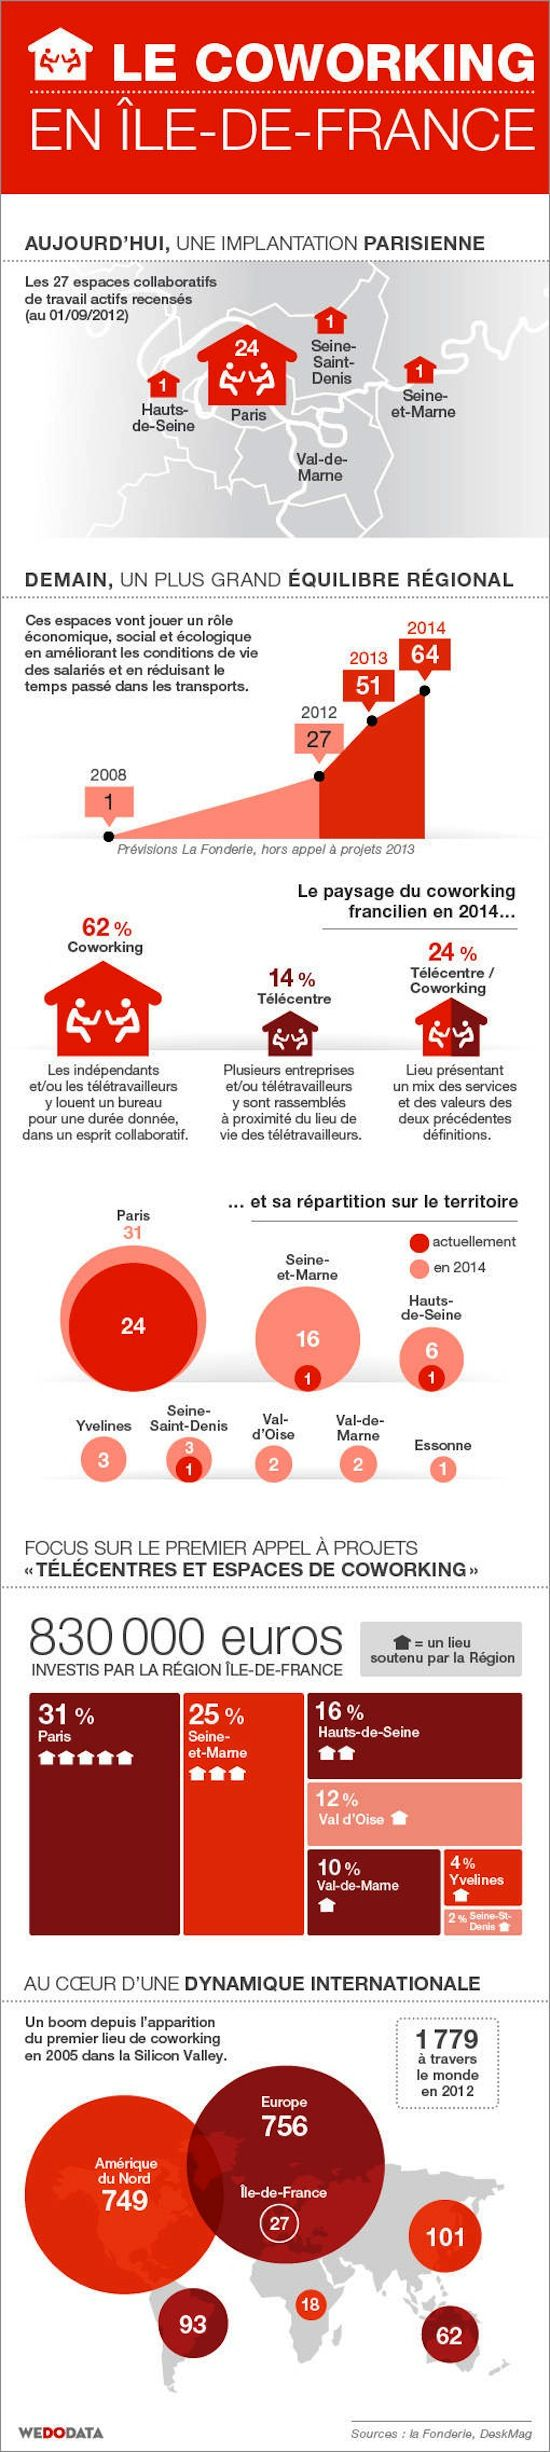 Le #Coworking en Ile de France